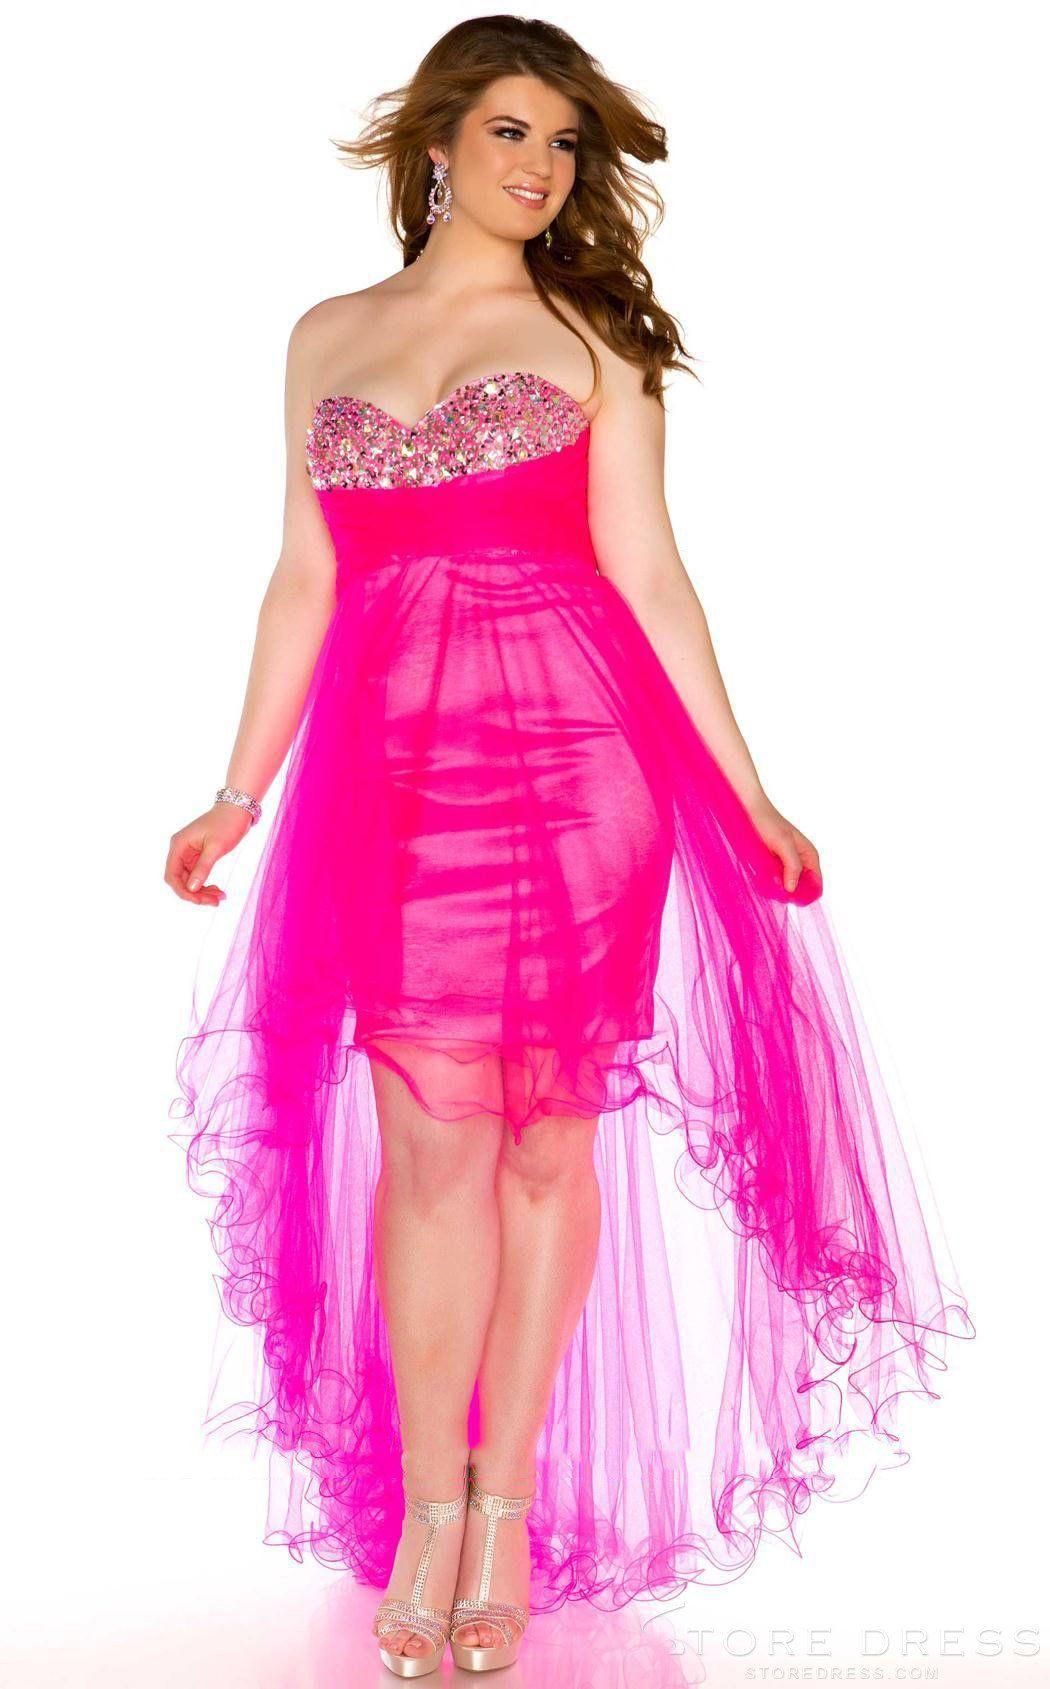 Excepcional Vestidos De Fiesta En Sacramento Bosquejo - Colección de ...